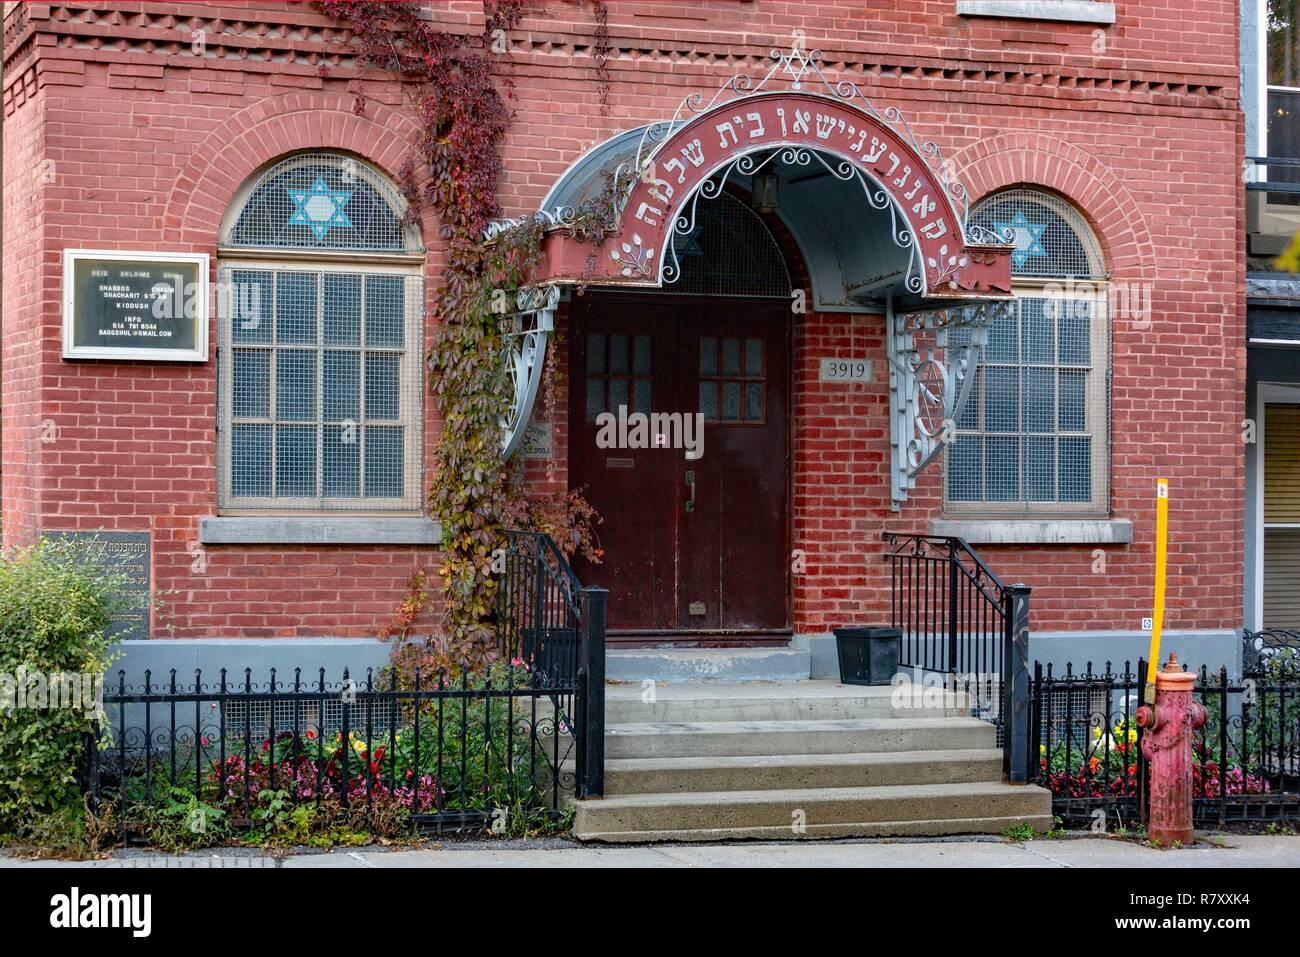 Canadá, provincia de Quebec, Montreal, patrimonio religioso, Sinagoga, templo de Salomón Bagg Street Shul Imagen De Stock